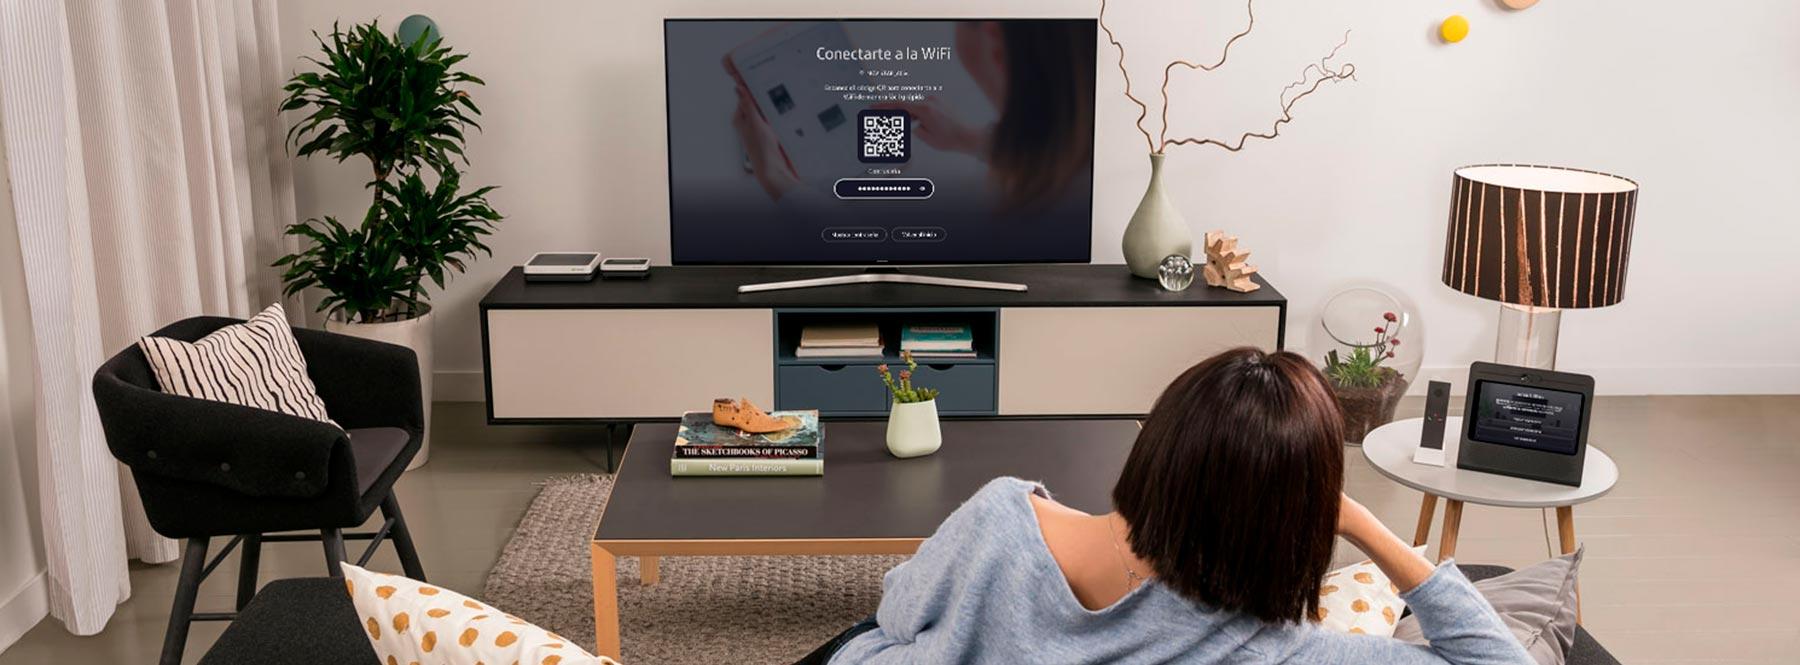 Kiểm tra mật khẩu WiFi của bạn mà không cần nhìn vào bộ định tuyến? Ứng dụng WiFi thông minh có trên TV của bạn